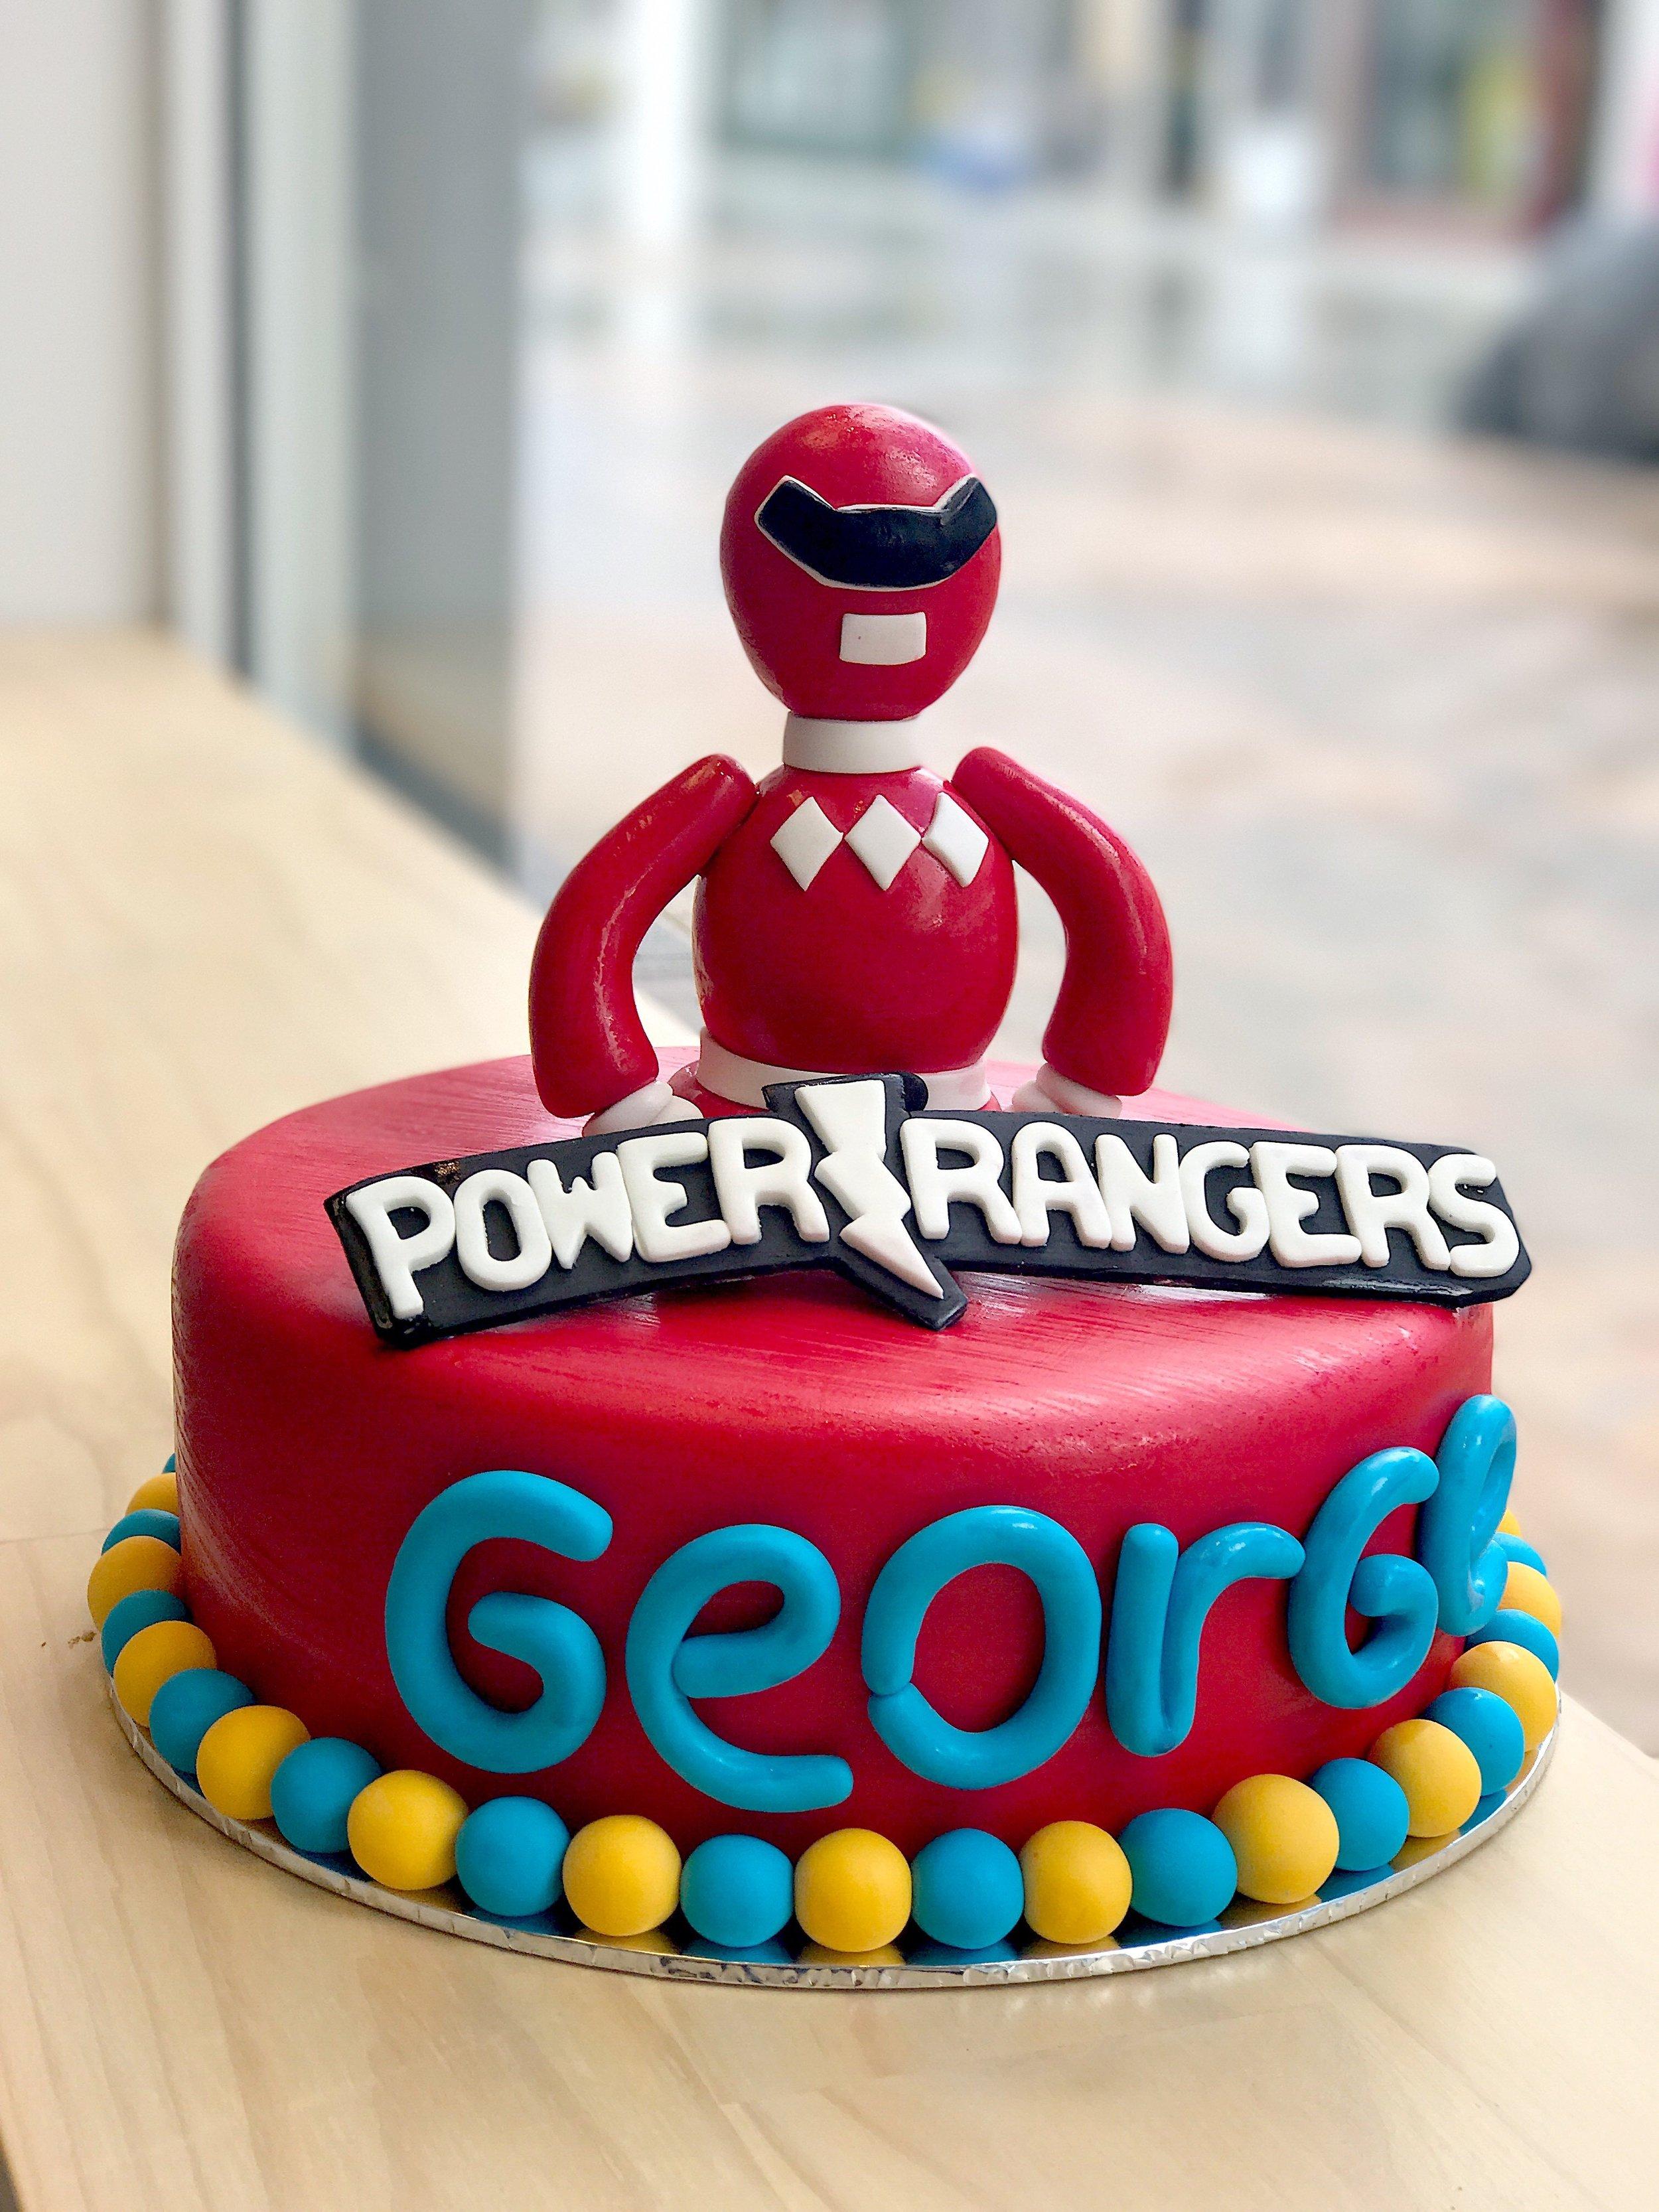 Power rangers cake.jpg